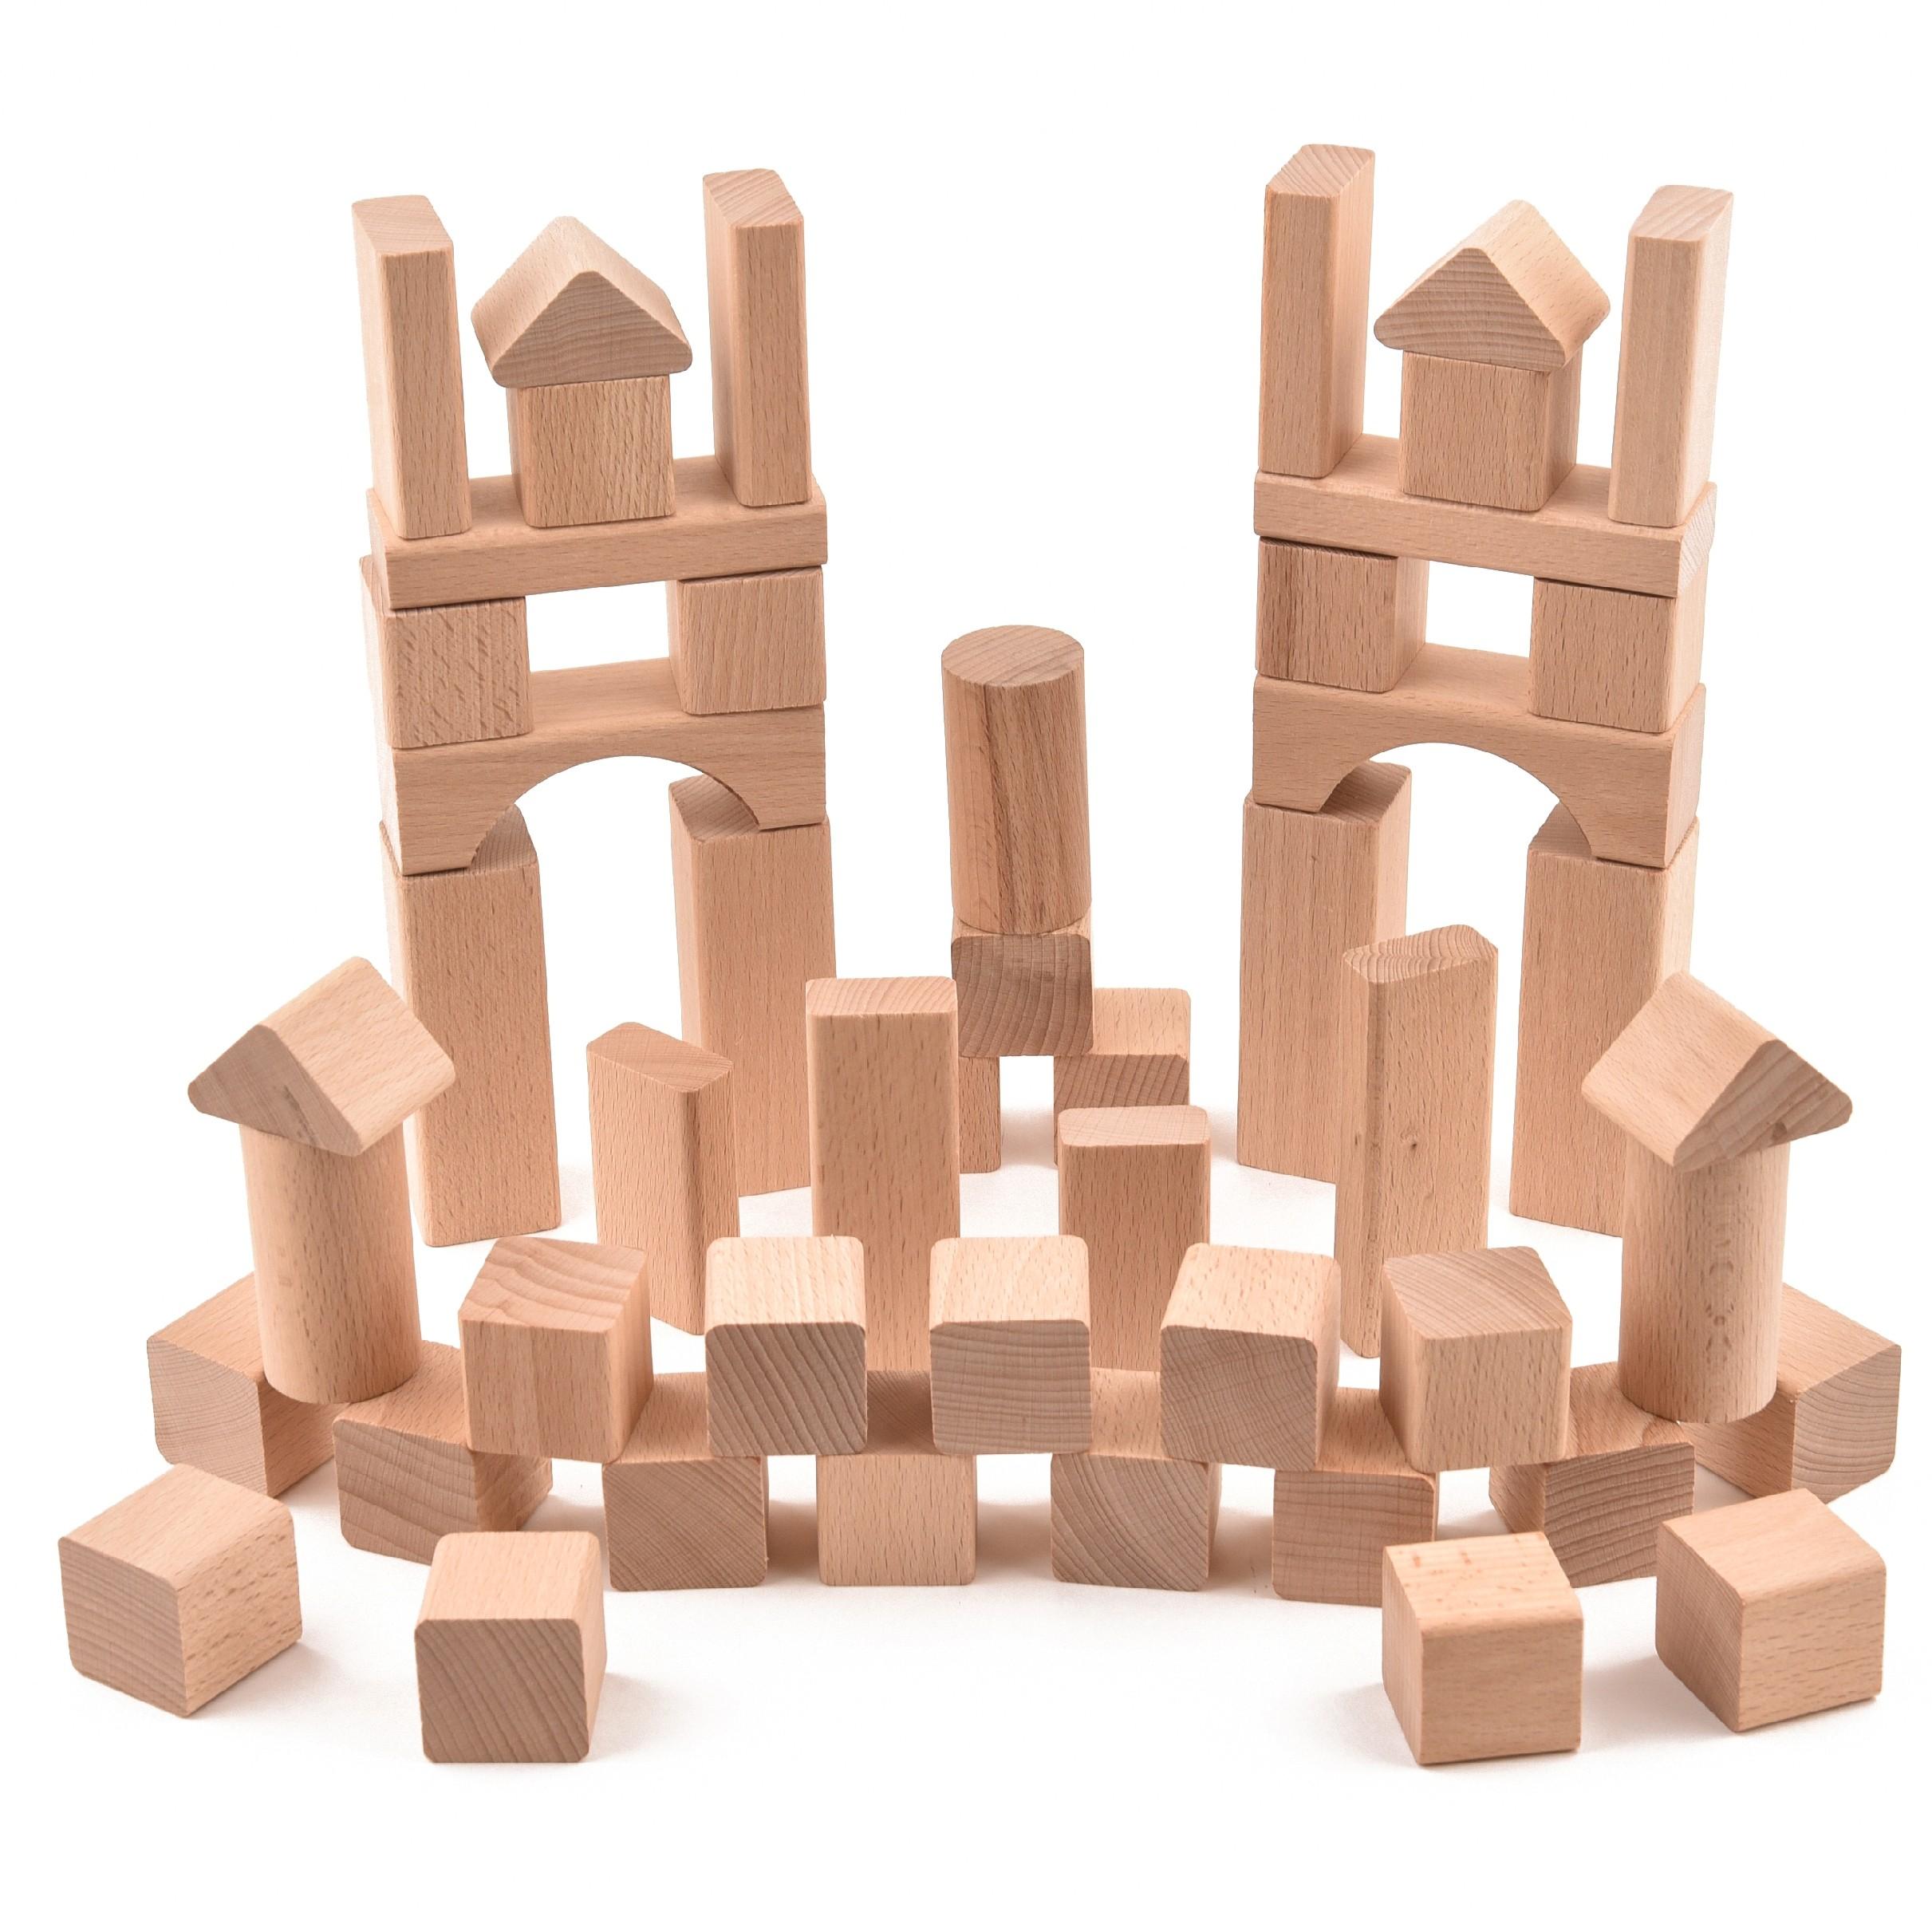 VictorCube Dřevěná stavebnice - 51 ks komponentů (+ pytlík)